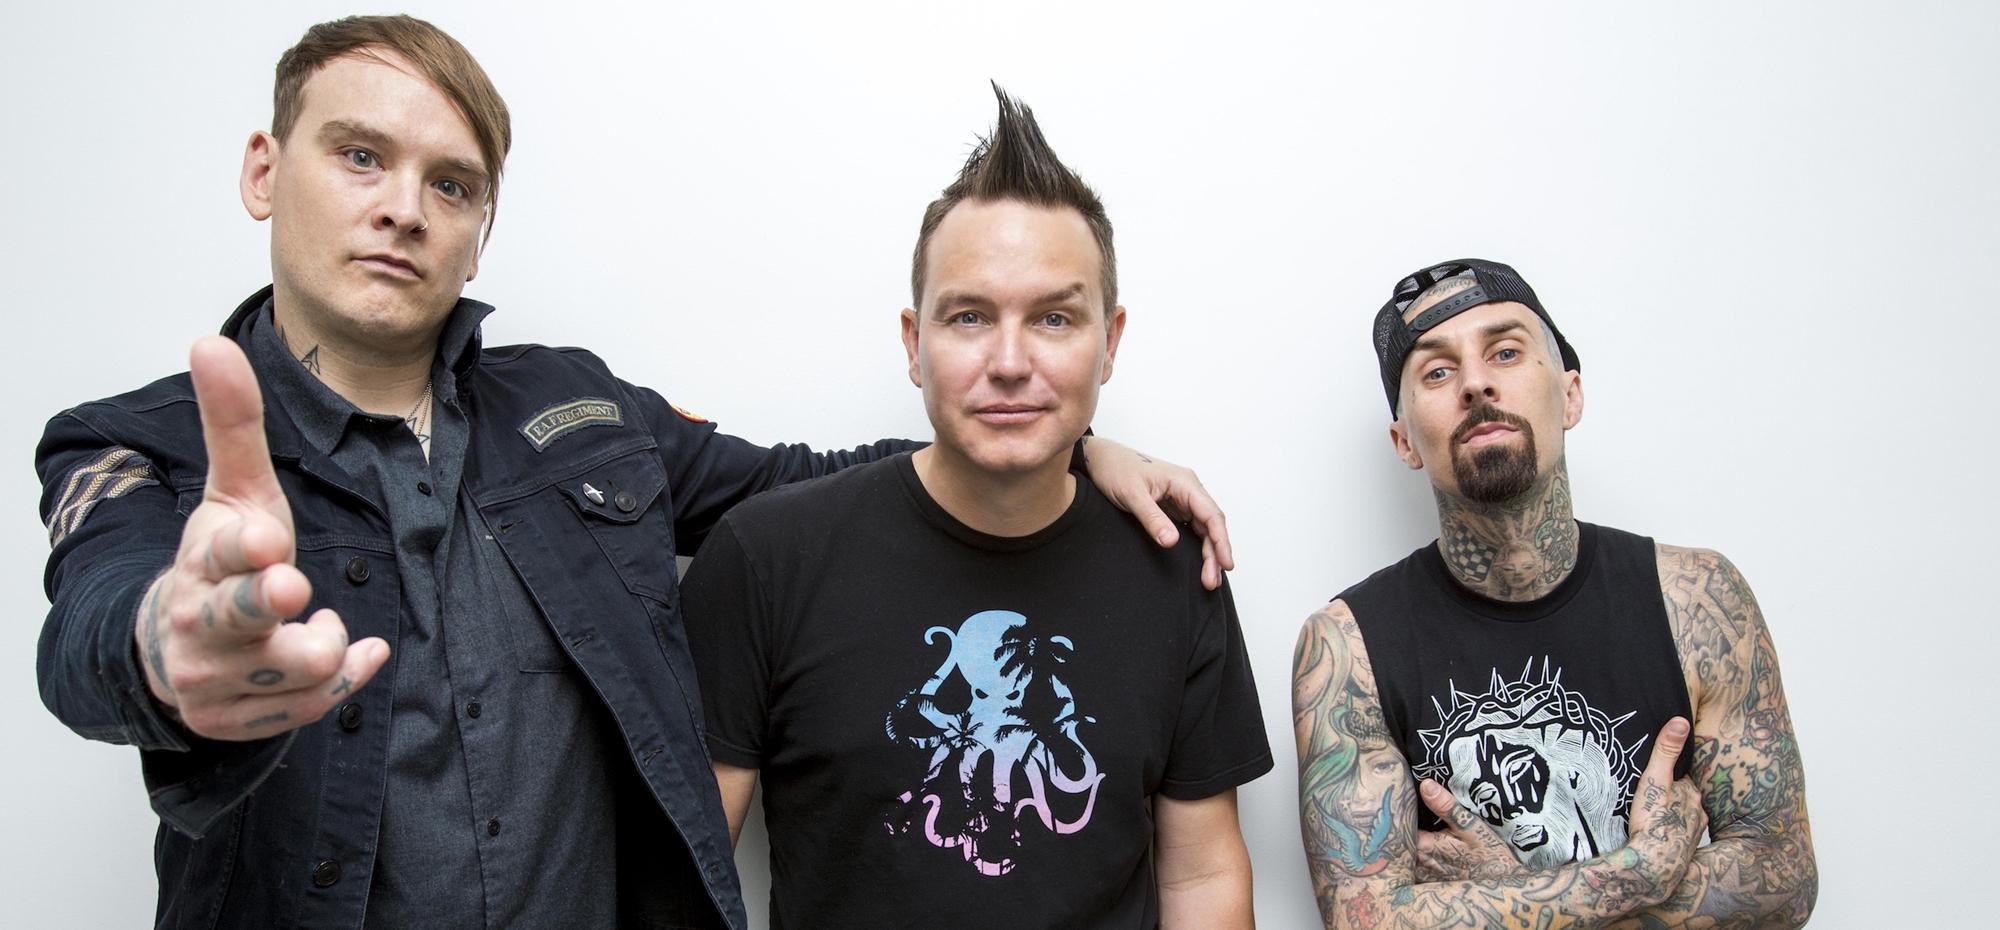 blink-182 nouvel album rentrée septembre 2019